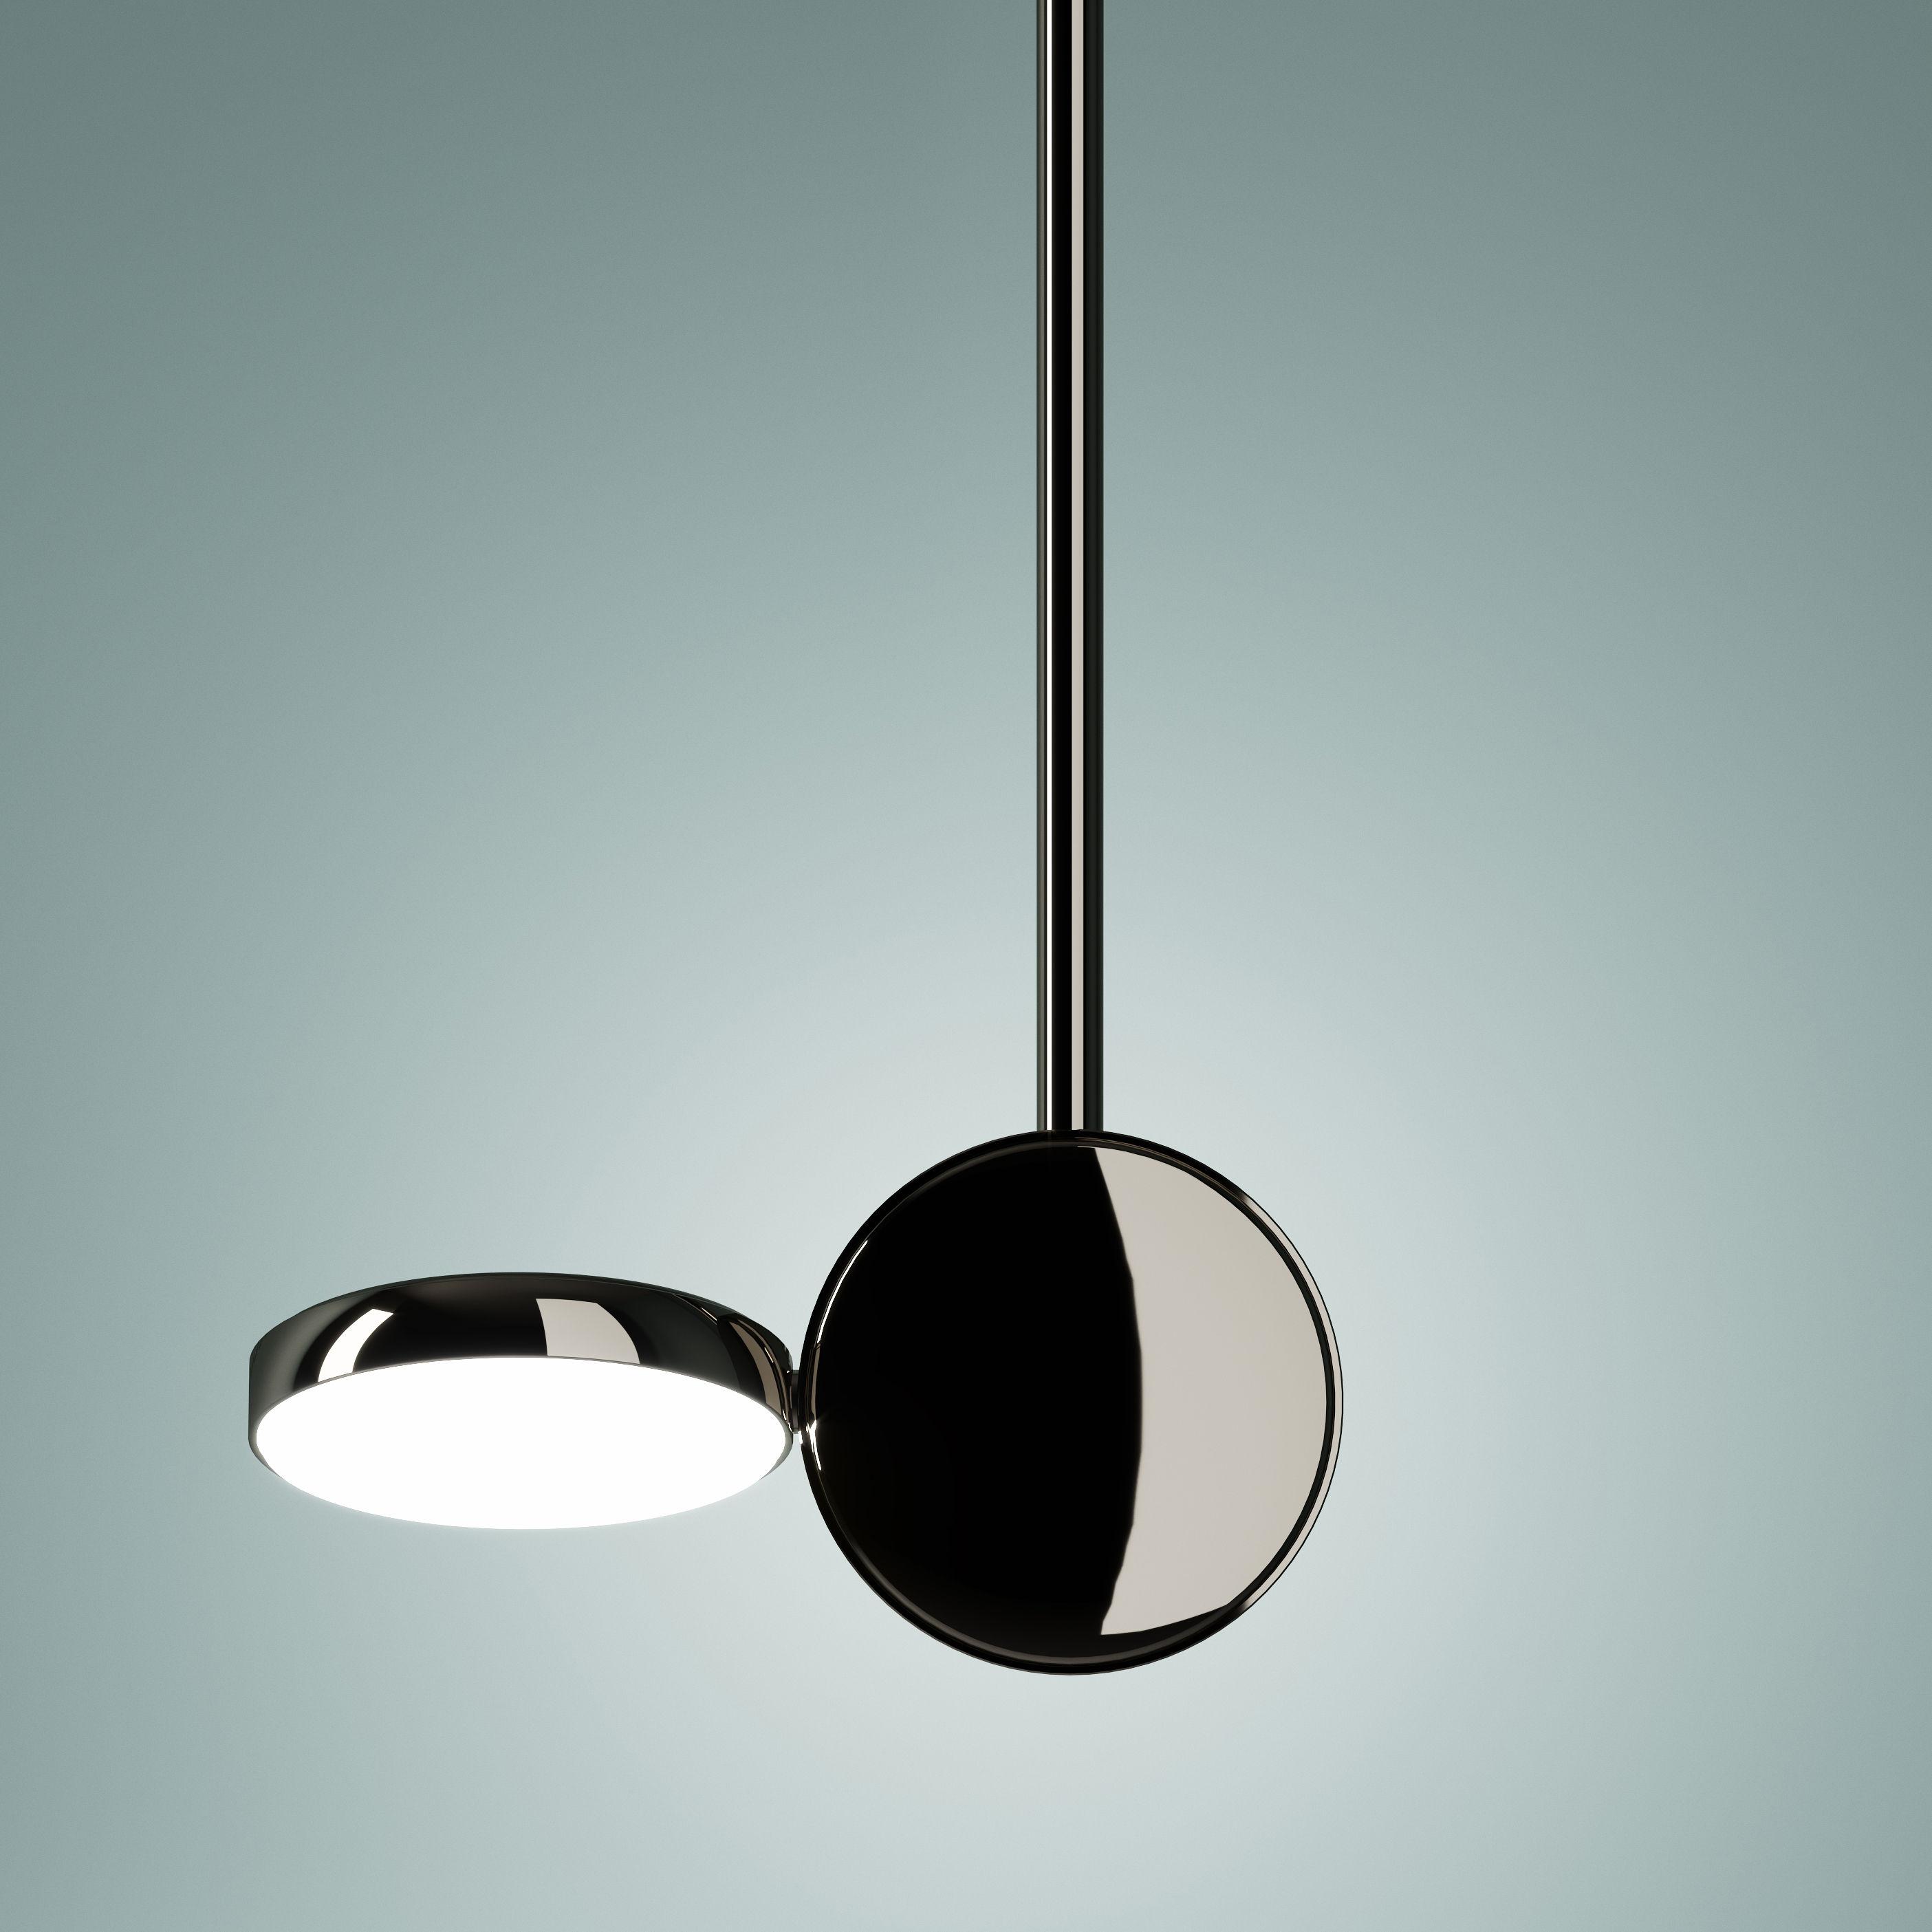 Illuminazione - Lampadari - Sospensione Optunia - / LED - Orientabile - H 56 cm di Fontana Arte - Cromato - Metallo, Vetro